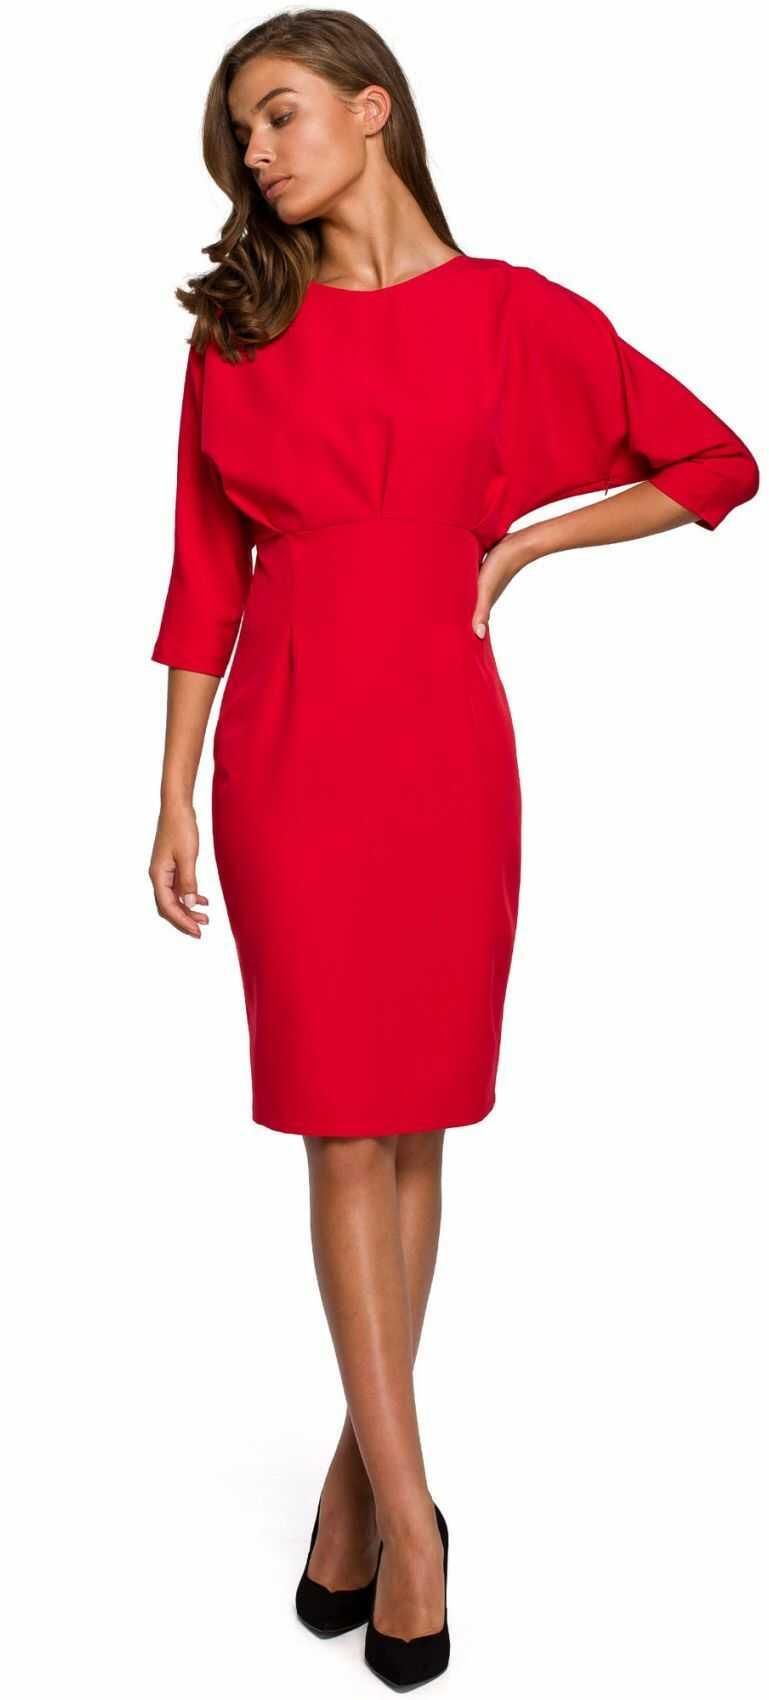 S242 Sukienka z zaszewkami i kimonowymi rękawami - czerwona